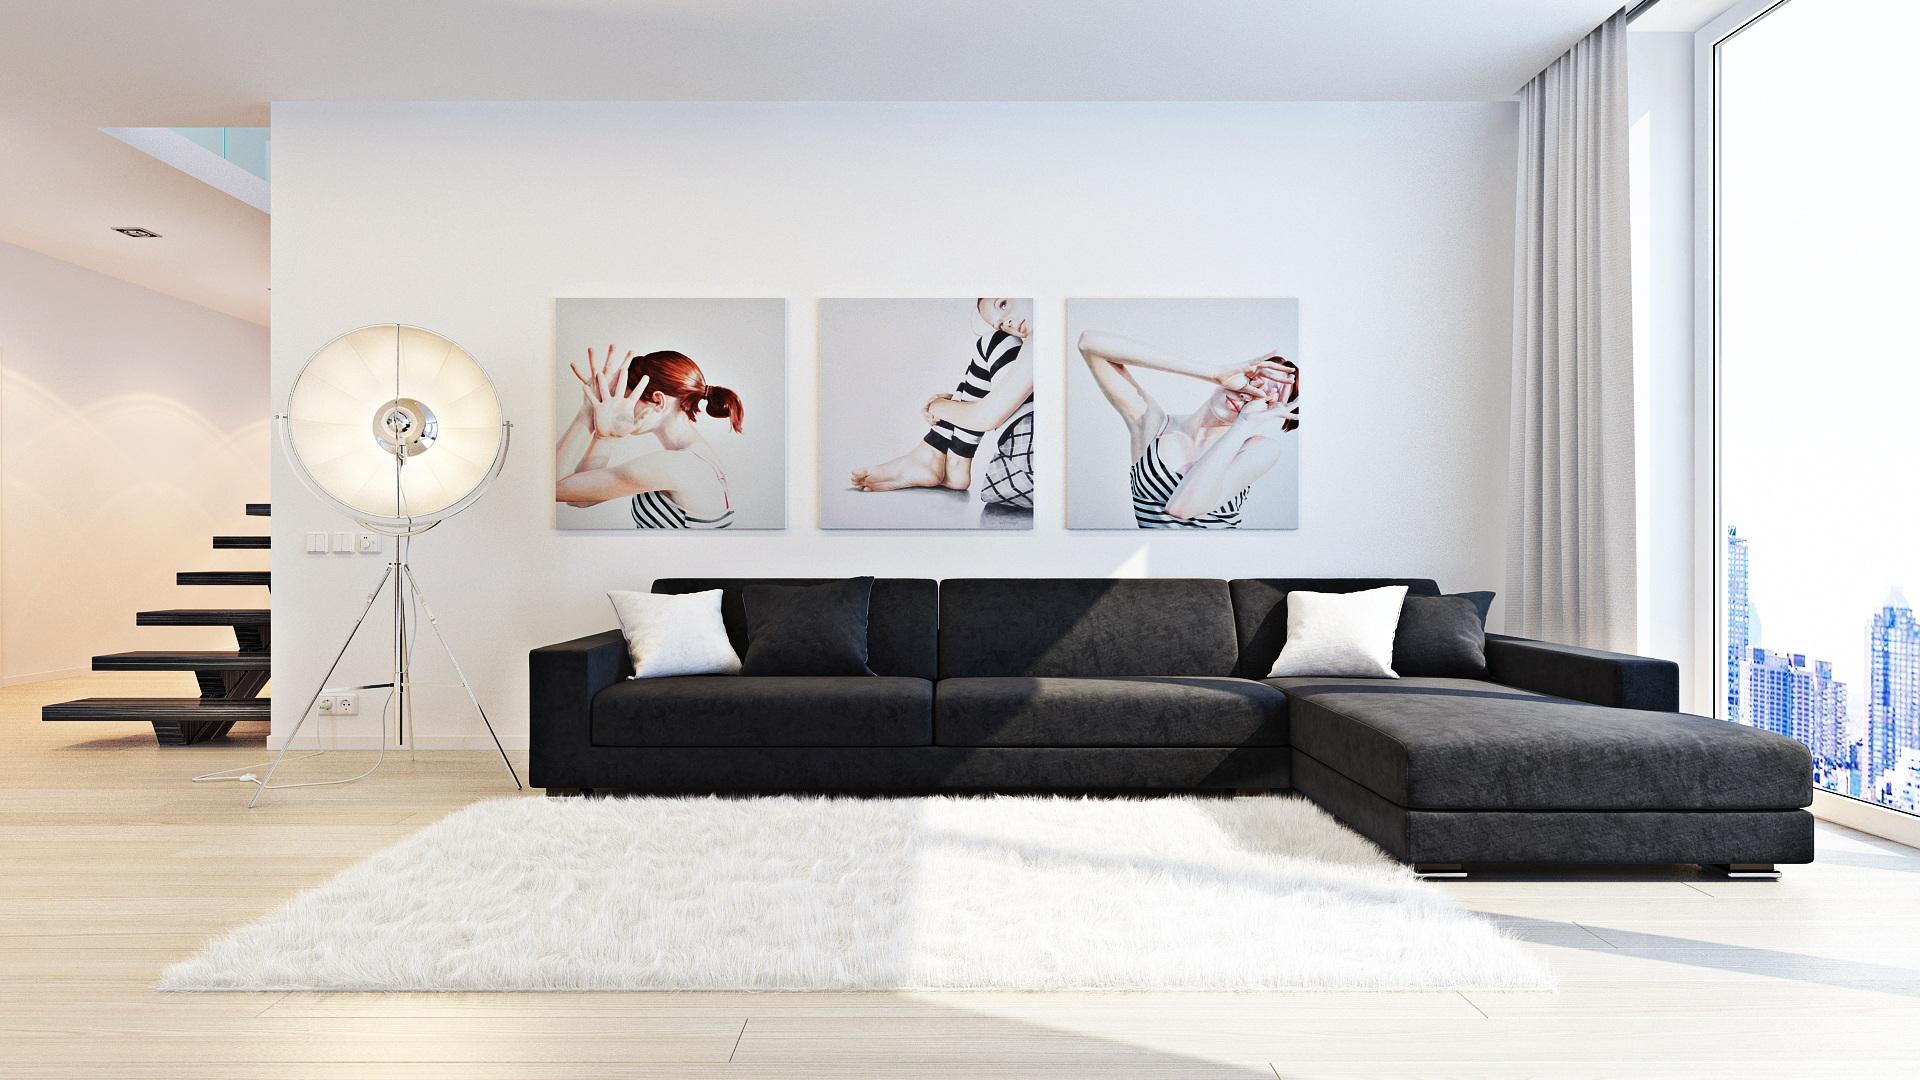 Контрастный интерьер гостиной в стиле минимализм